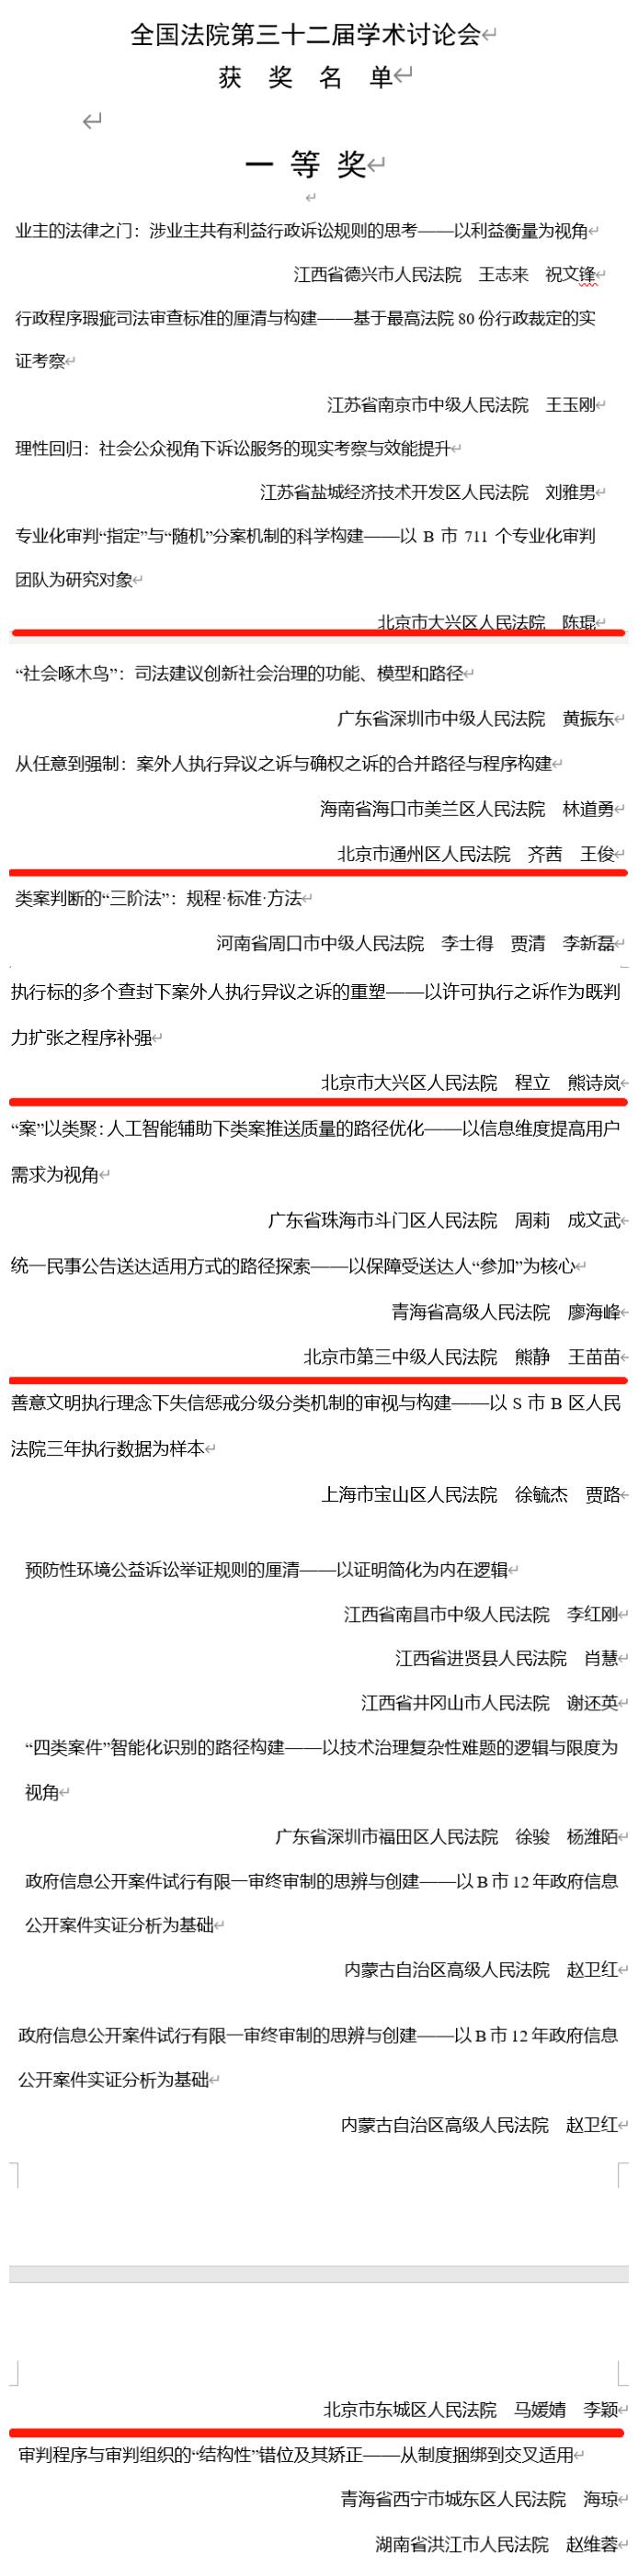 165篇论文、9家法院获奖!北京法院在全国法院学术讨论会上再获佳绩